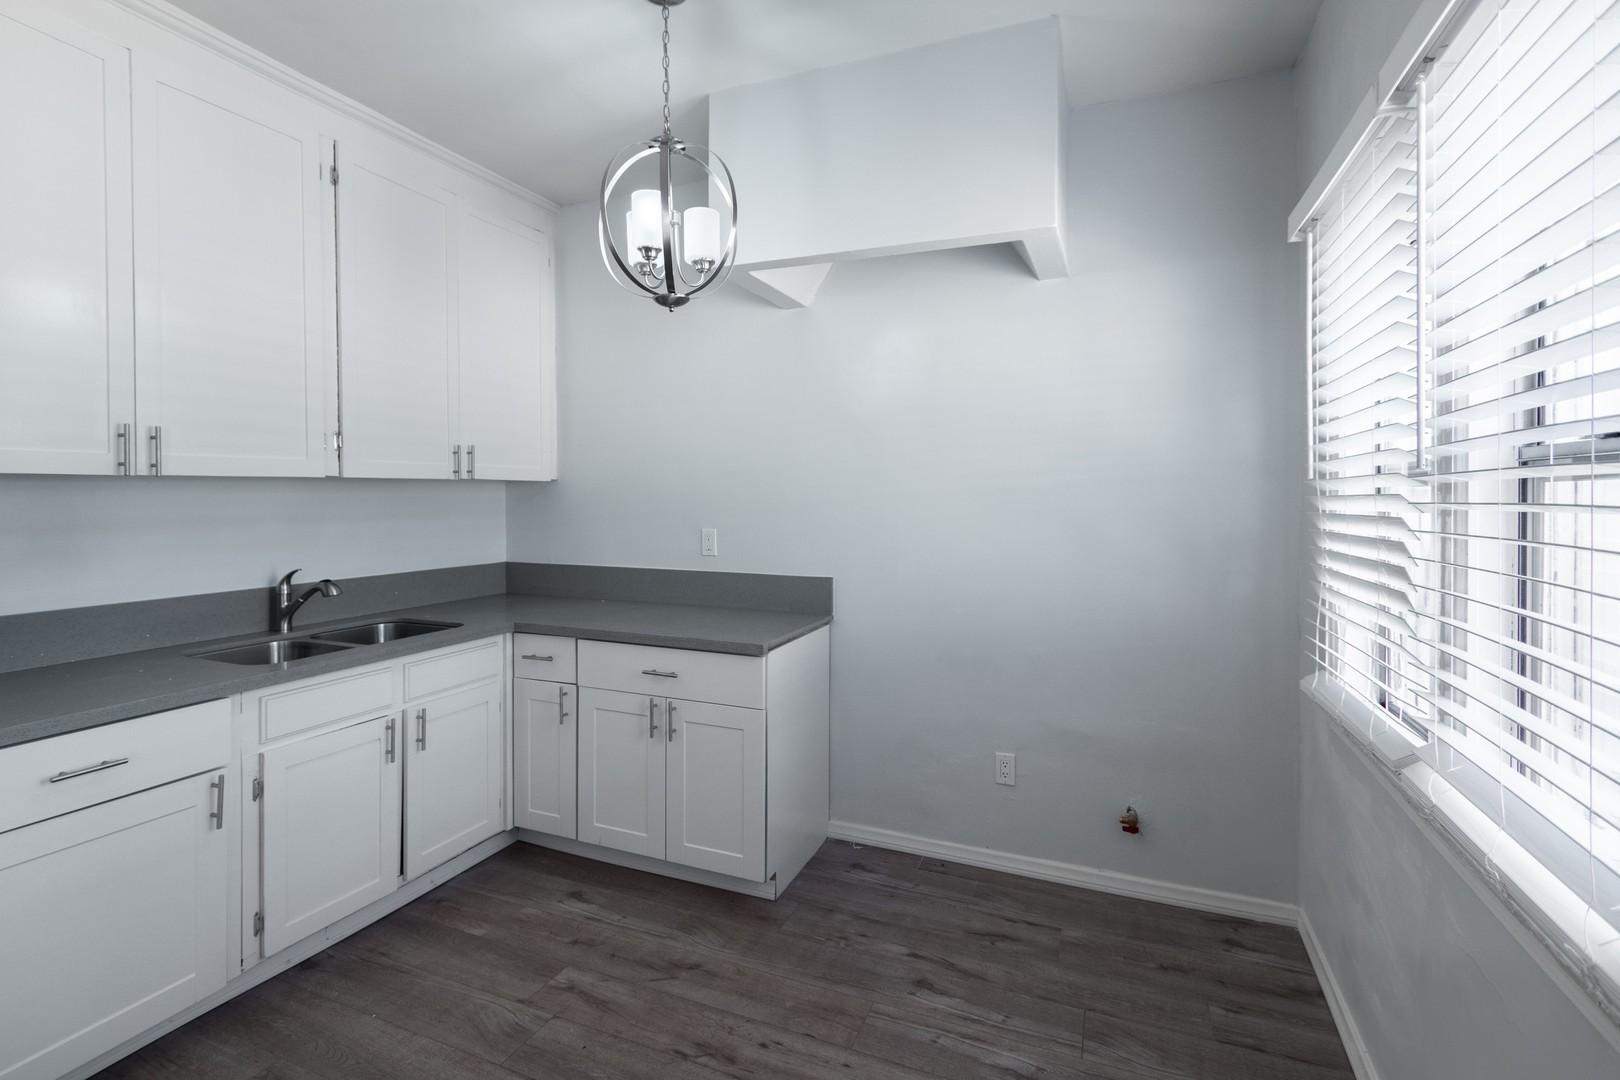 203 kitchen.jpg